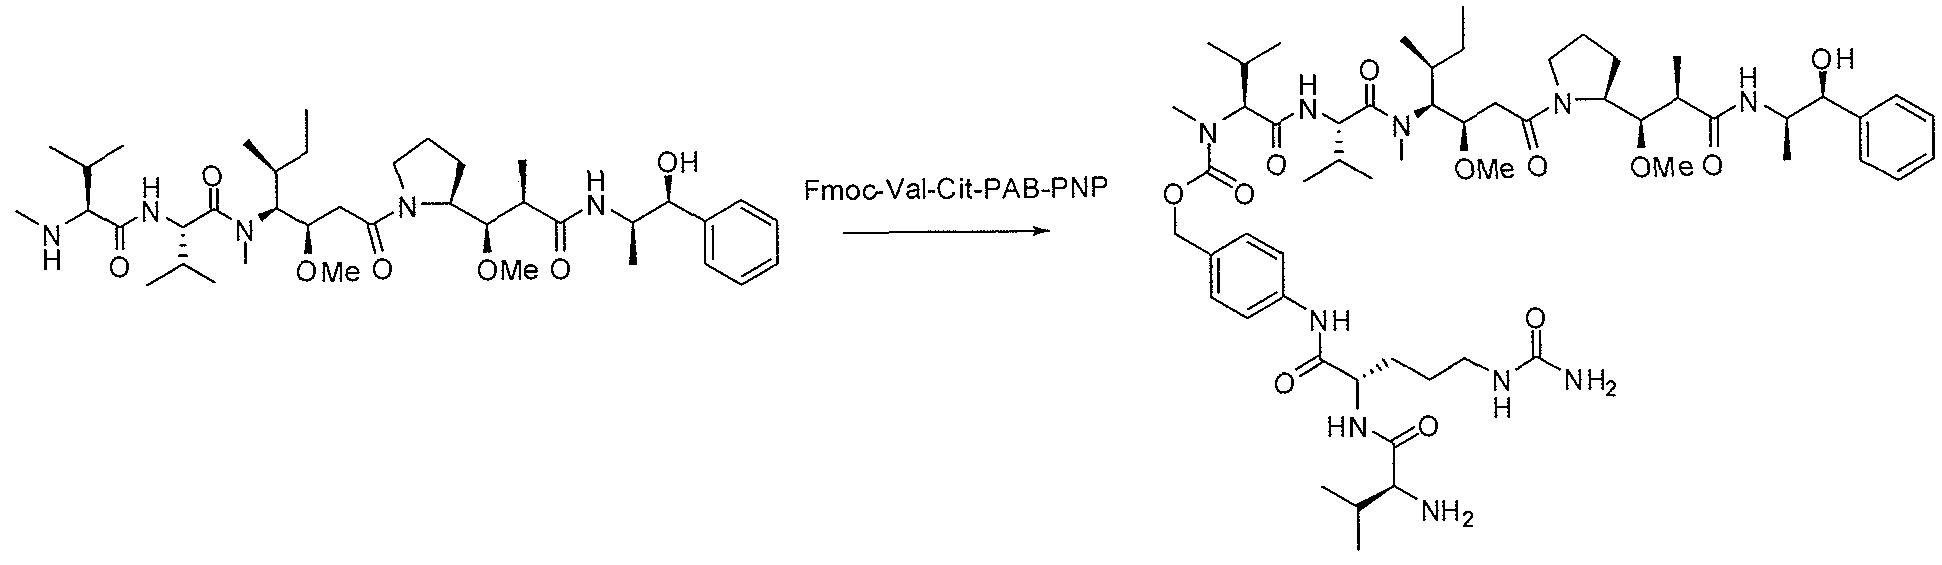 Figure imgf000187_0002